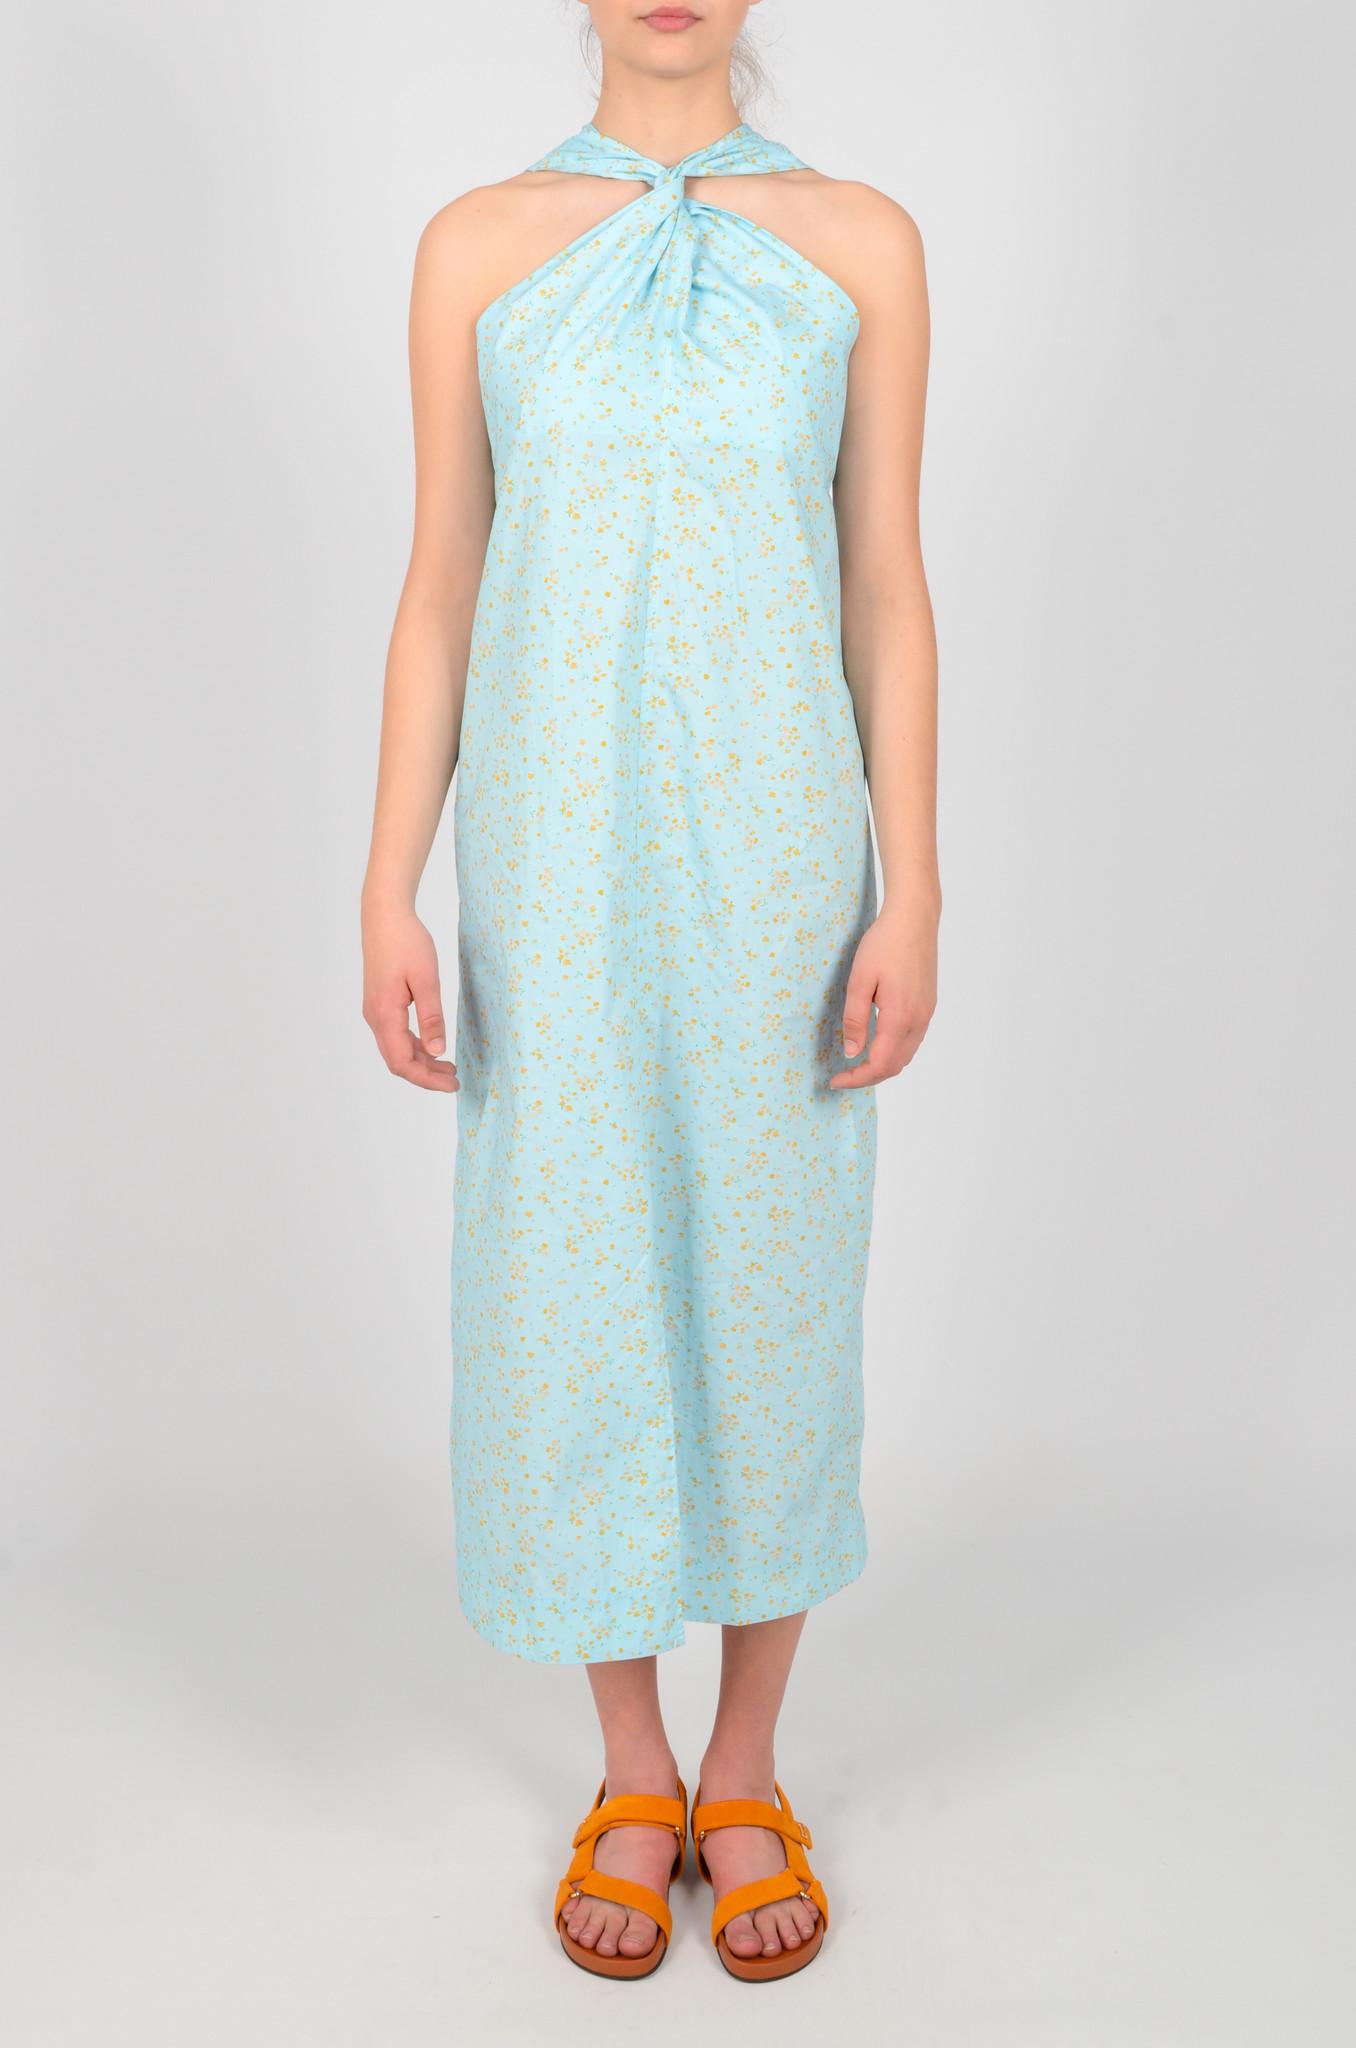 FLORAL HALTER NECK DRESS-1